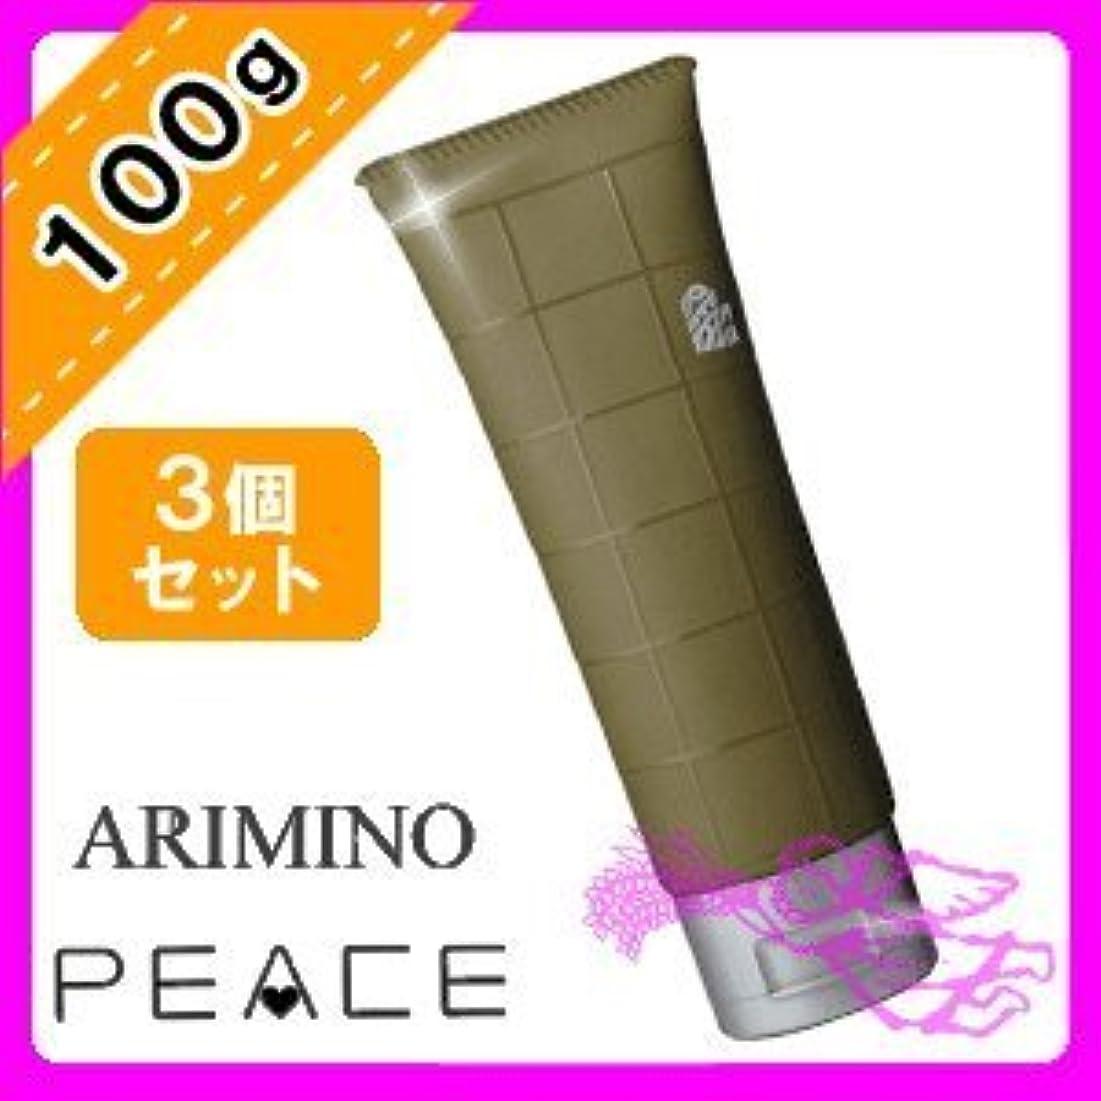 光灌漑分子アリミノ ピース ウェットオイル ワックス 100g ×3個セット arimino PEACE